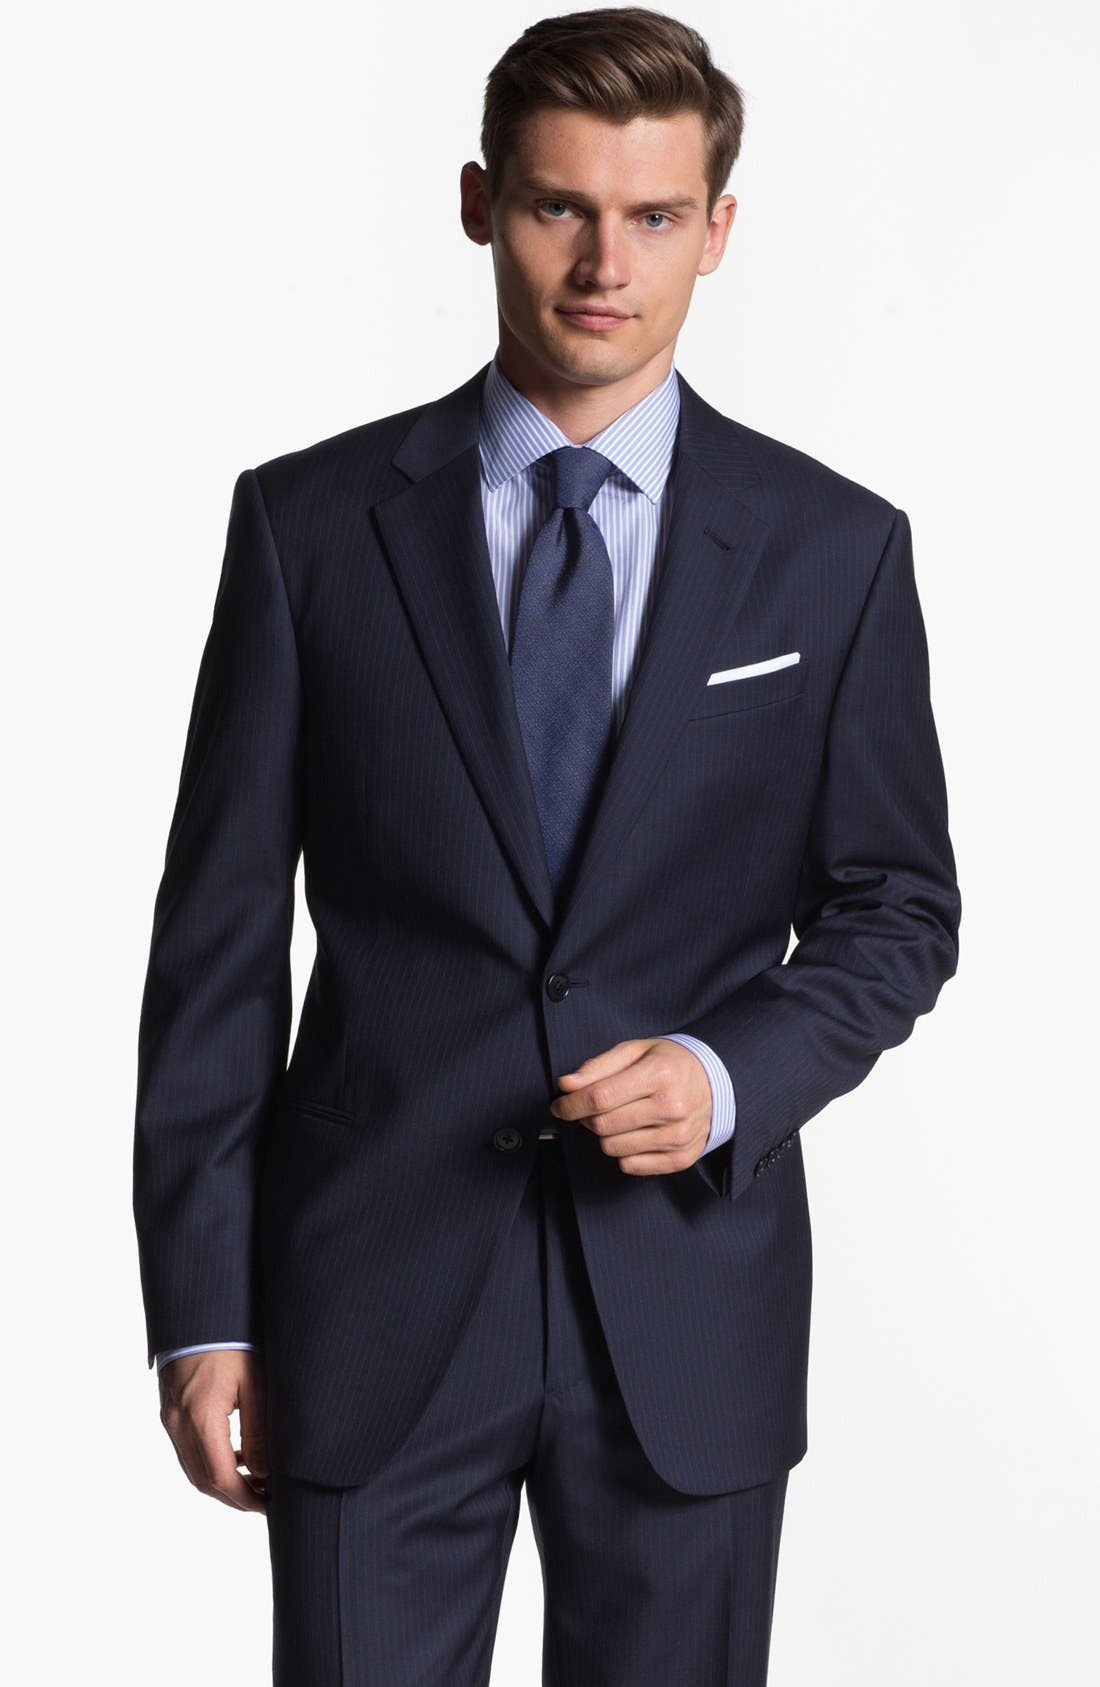 Alternate Image 1 Selected - Armani Collezioni 'Giorgio' Chalk Stripe Wool Suit